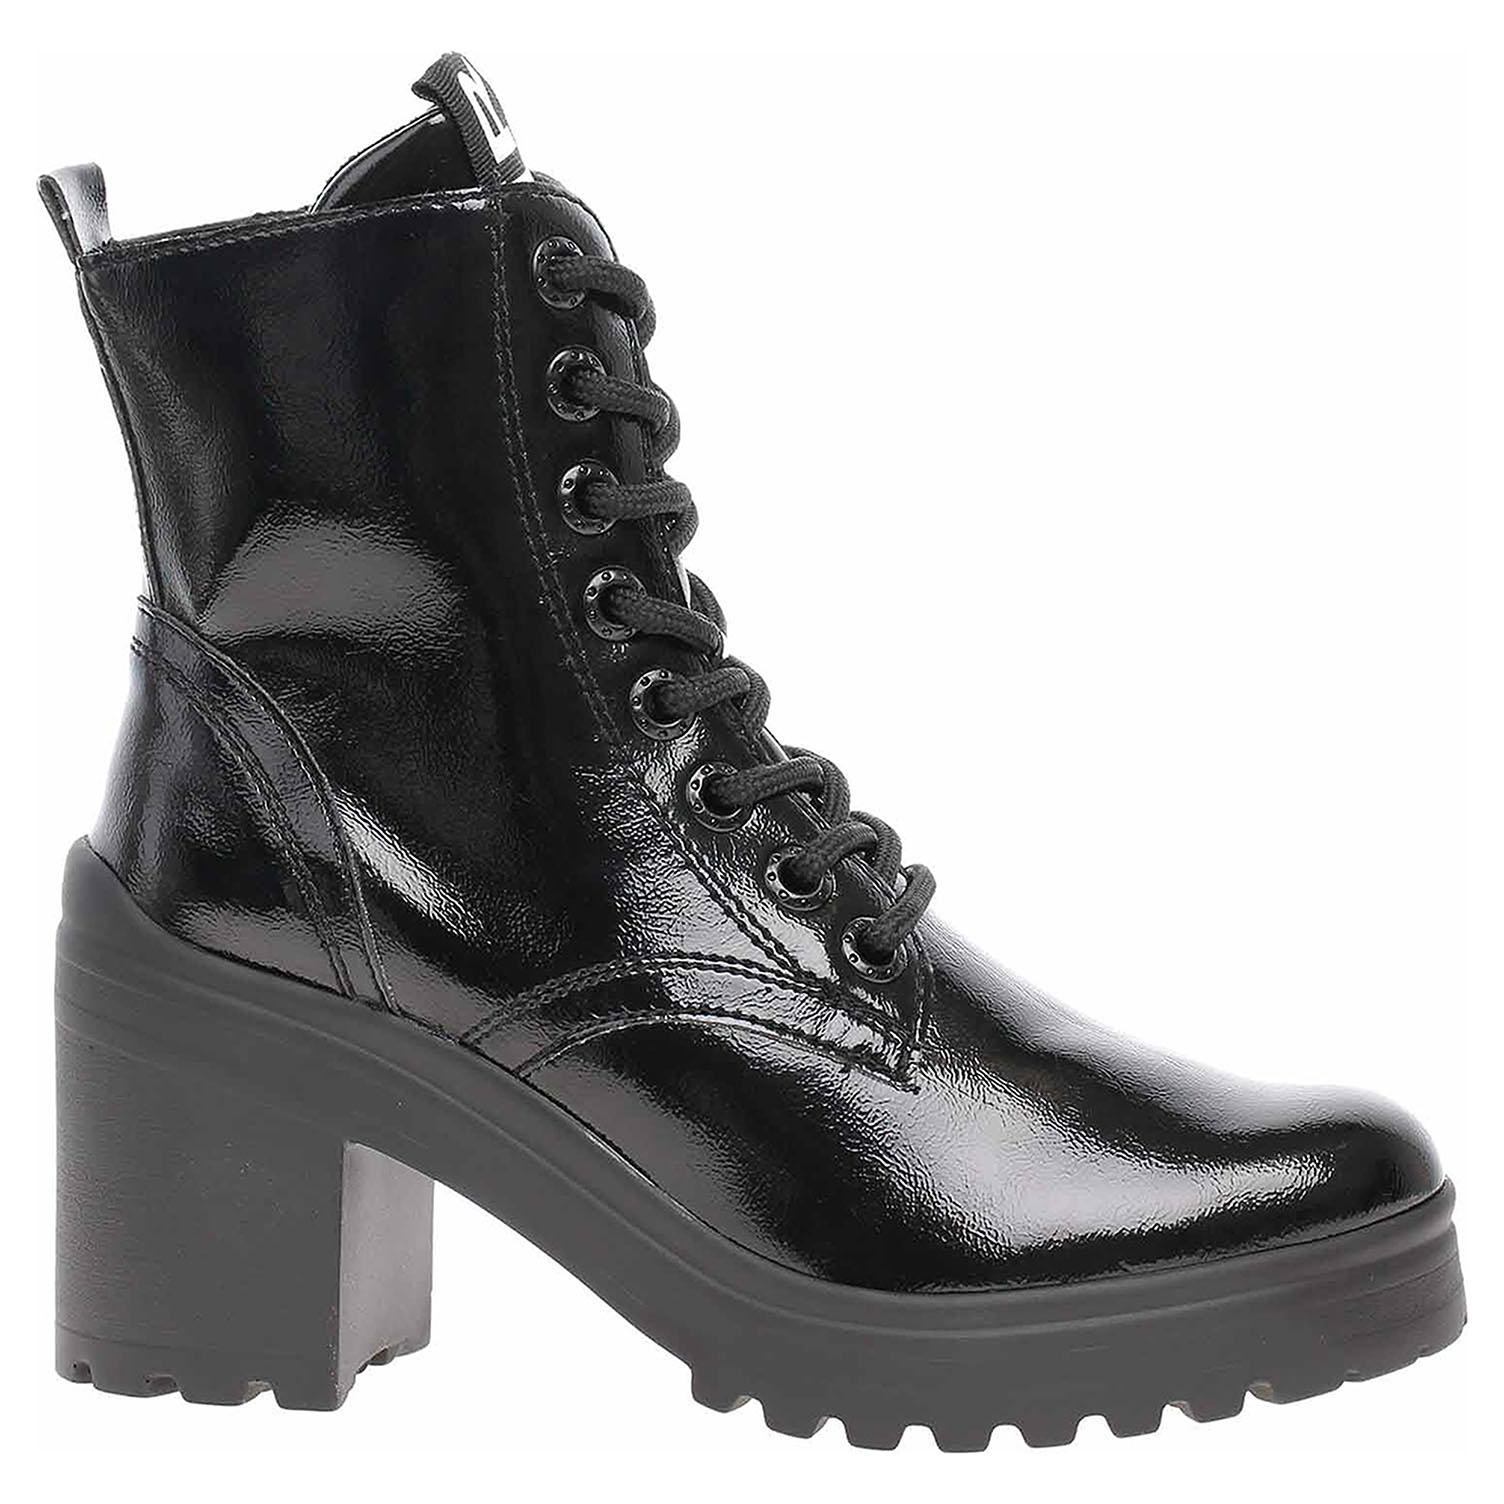 Dámská kotníková obuv Tamaris 1-25282-23 black patent 1-1-25282-23 018 39